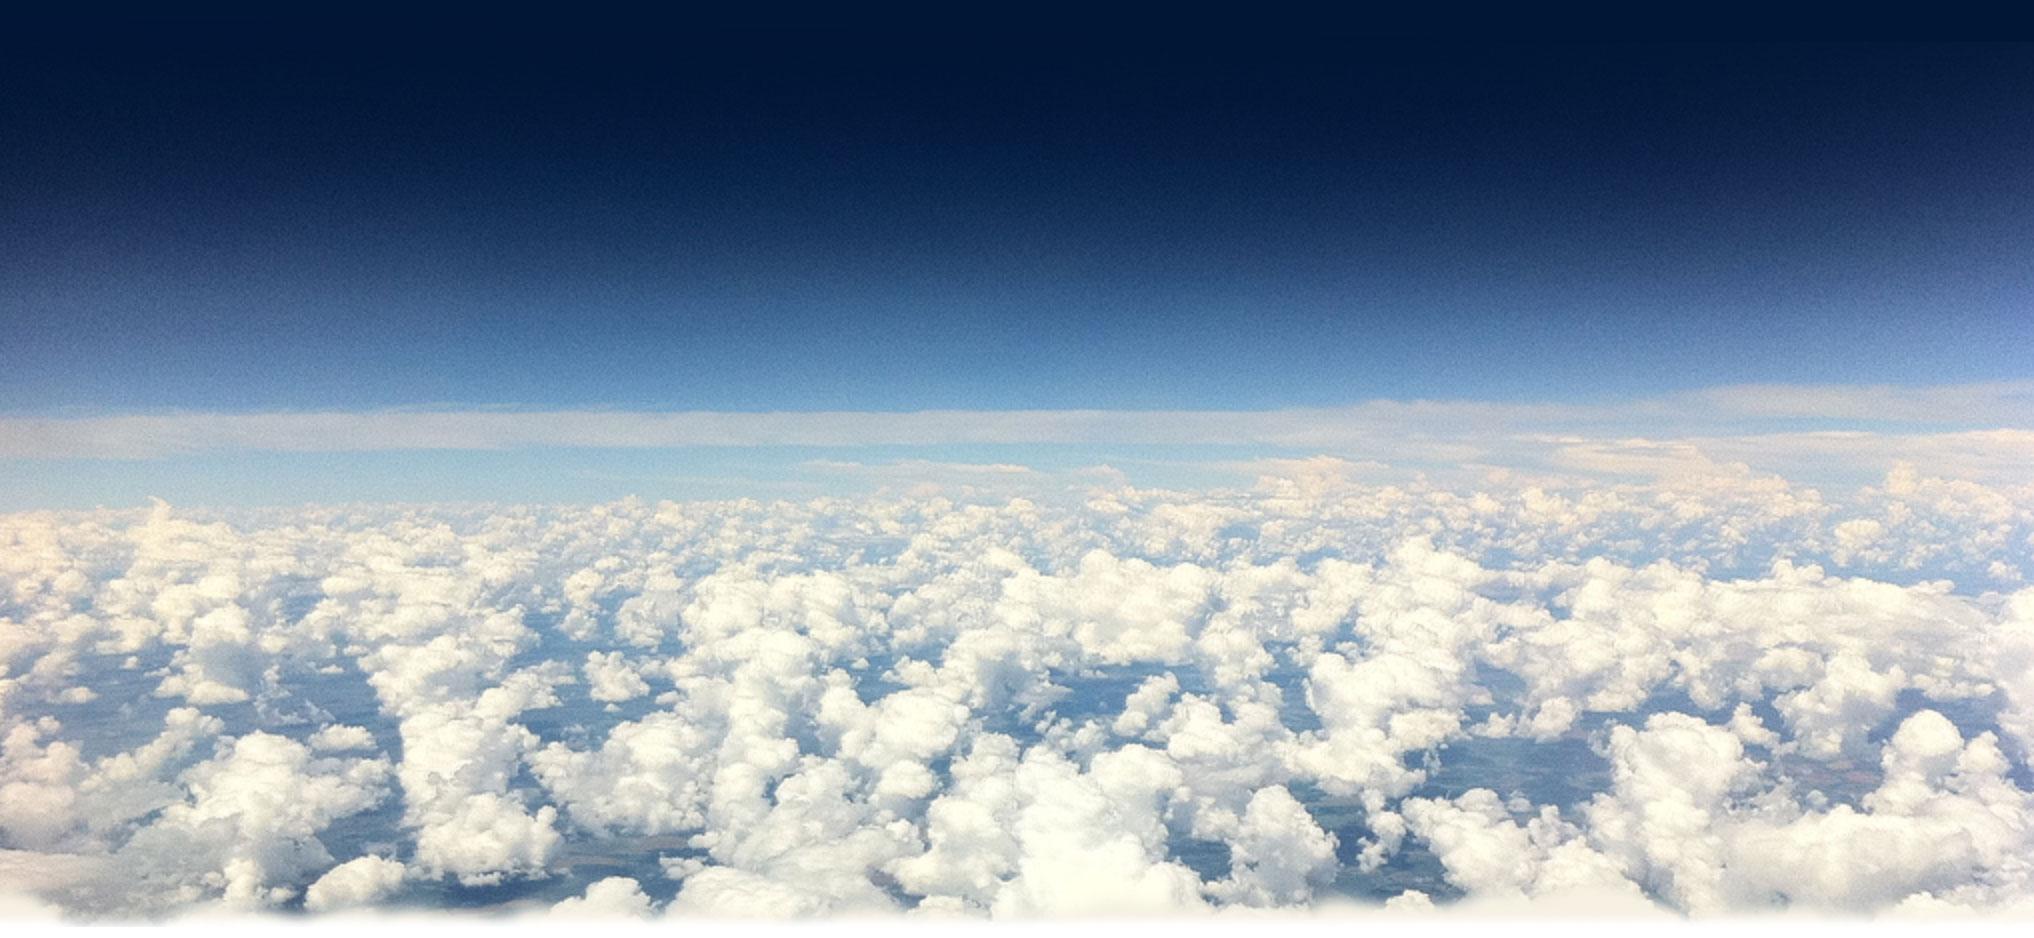 Conhecido Nuvens.pt - Alojamento de Sites BL98